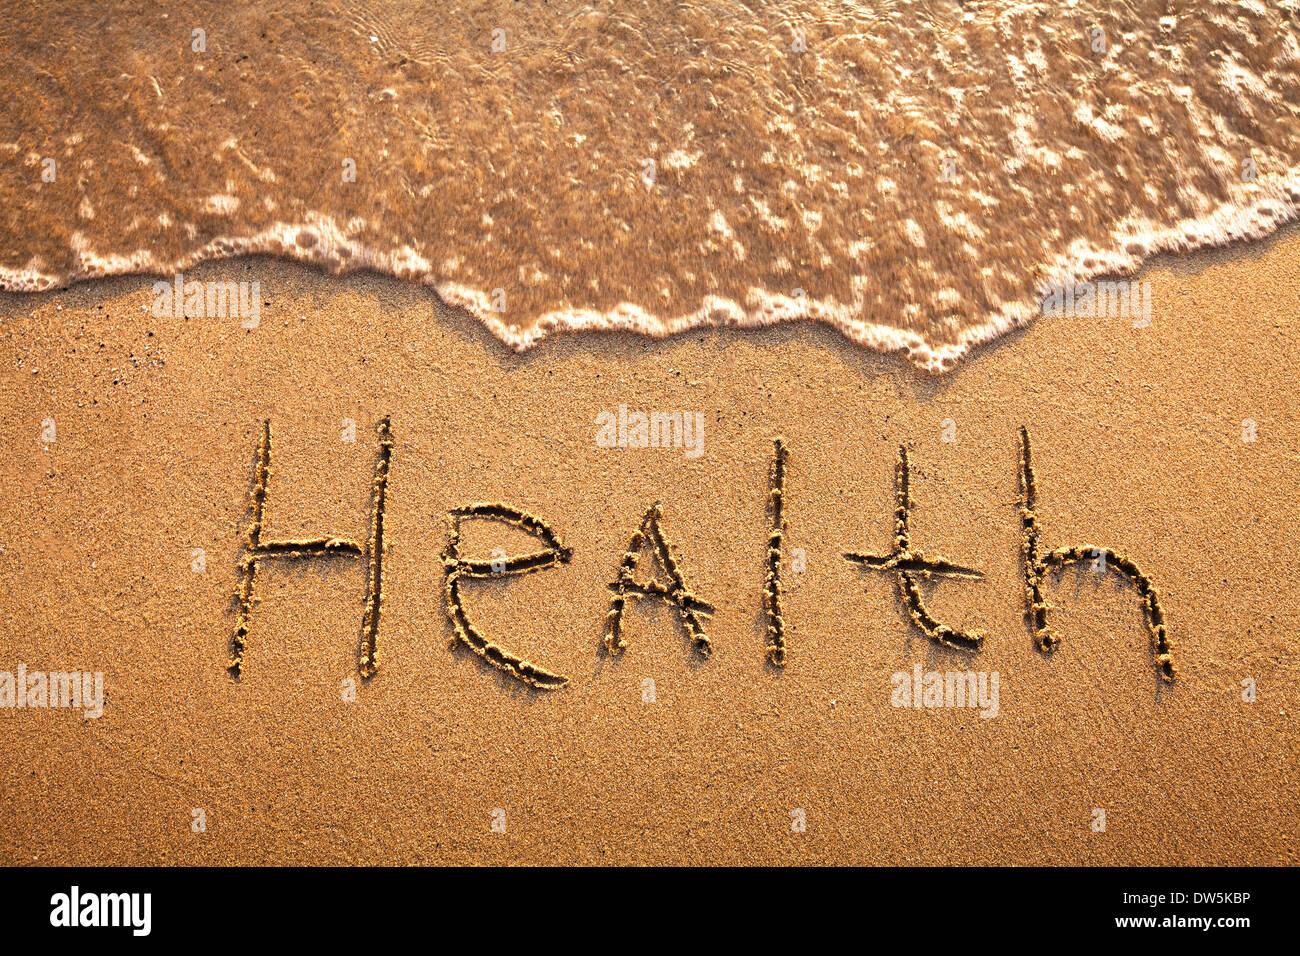 Concepto de salud Imagen De Stock